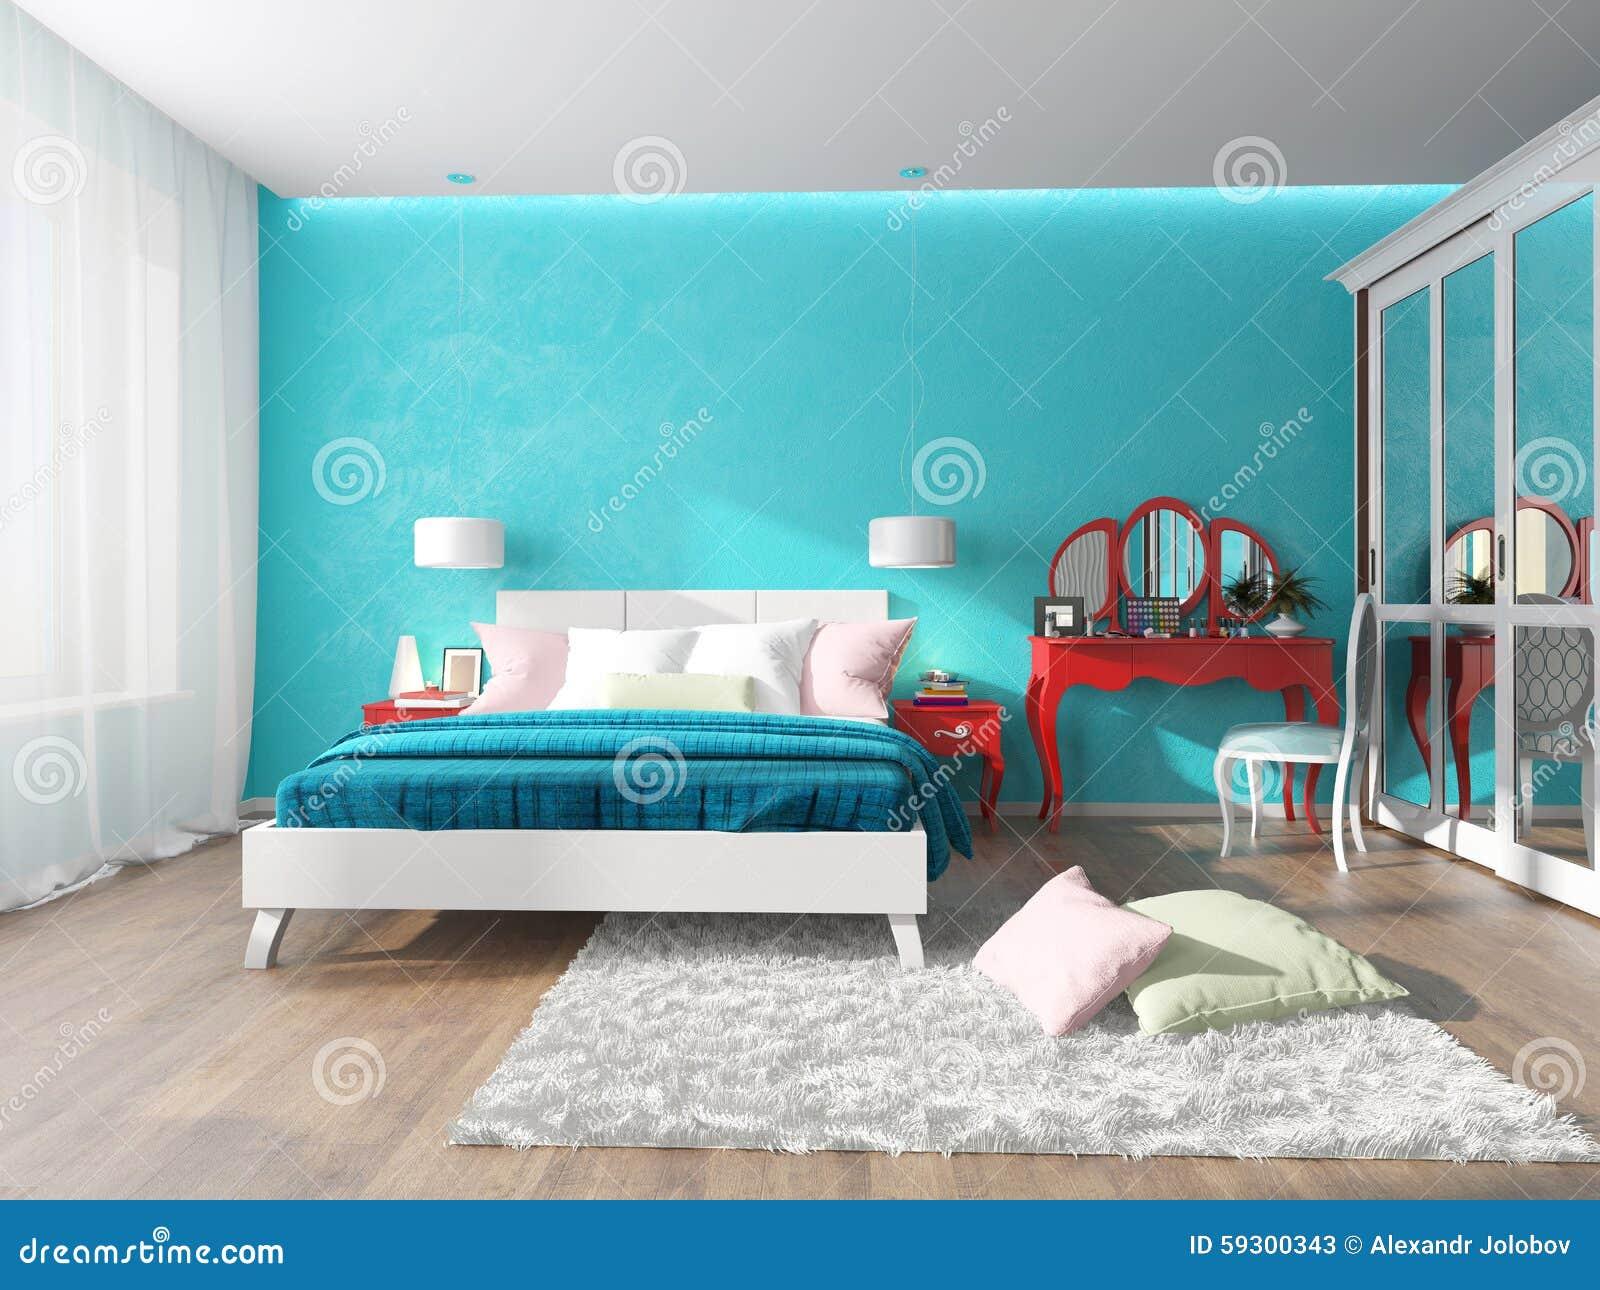 Camera Da Letto Parete Turchese : Camera da letto con la tavola di condimento nel rosso